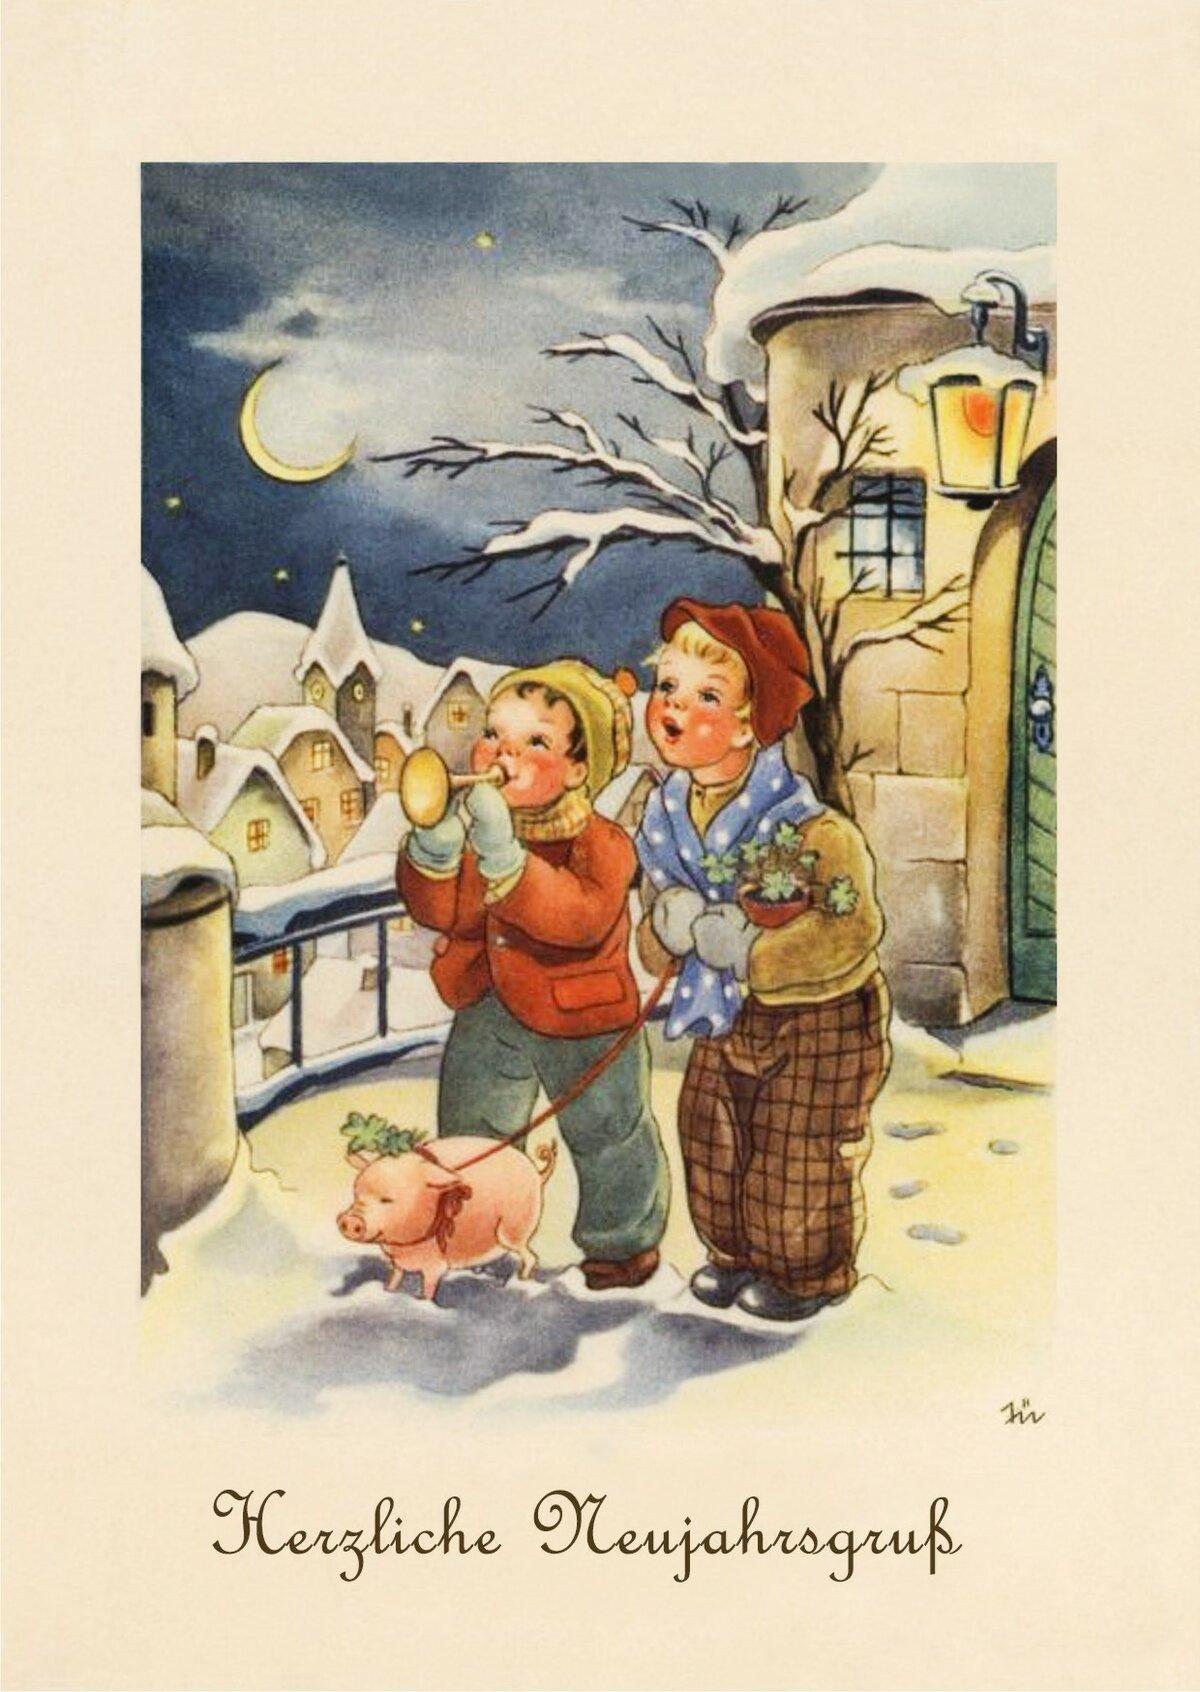 Открытки любимым, рождество открытки немецкие